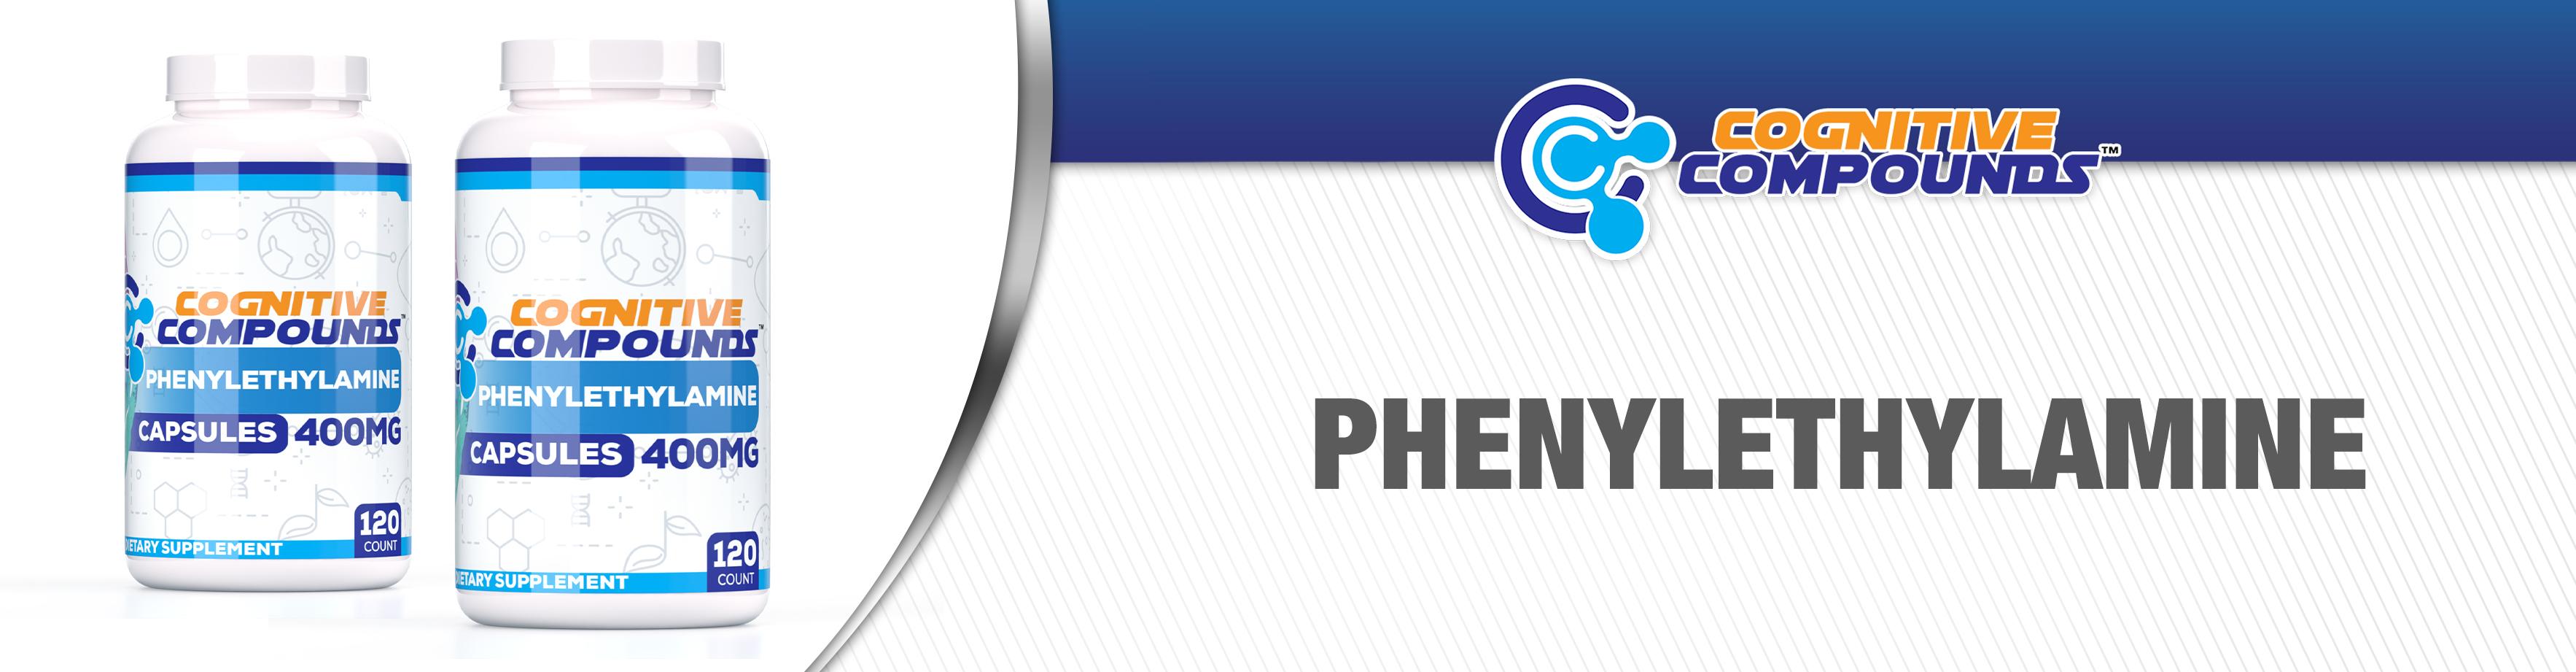 phenylethylamine-capsules-10-21.jpg